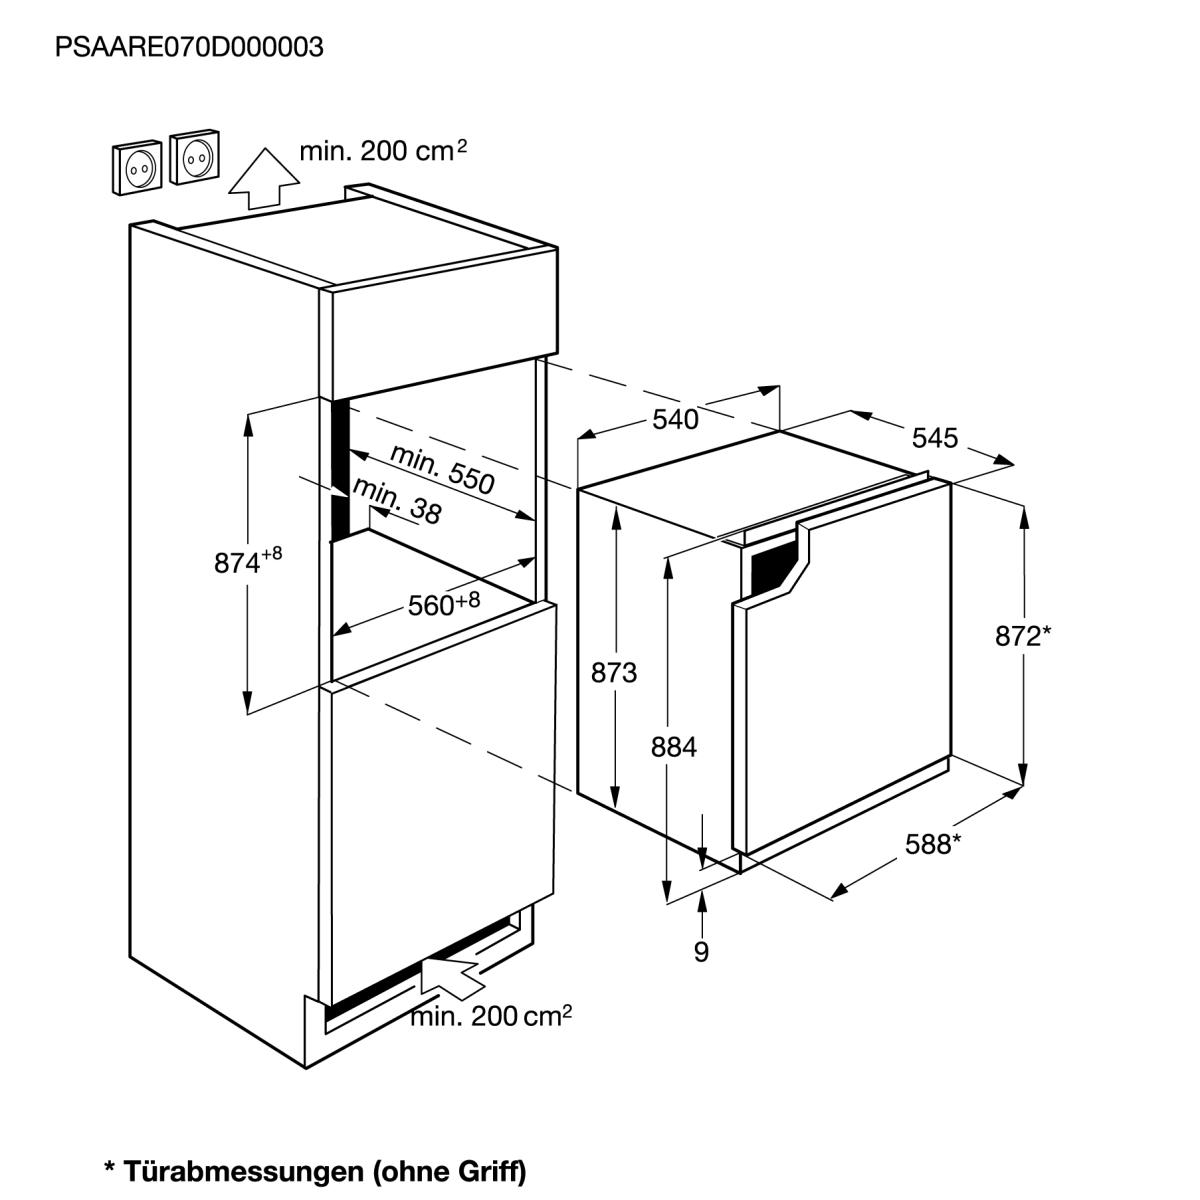 aeg sfb58831ae einbauk hlschrank mit gefrierfach 88cm. Black Bedroom Furniture Sets. Home Design Ideas